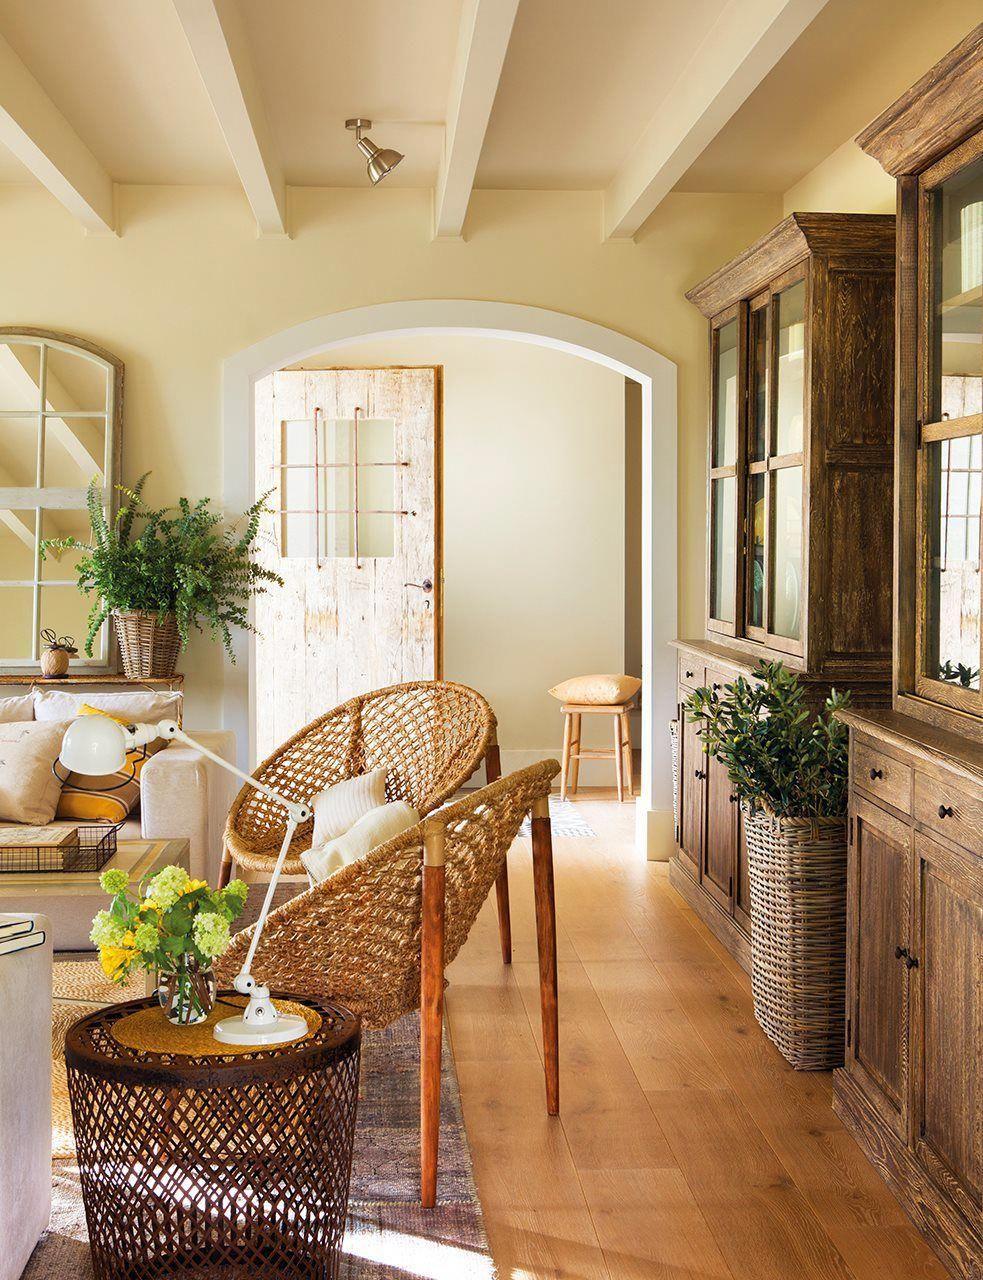 Cette maison neuve a l'air d'avoir toujours été là ! - PLANETE DECO a homes world #cottageinteriors